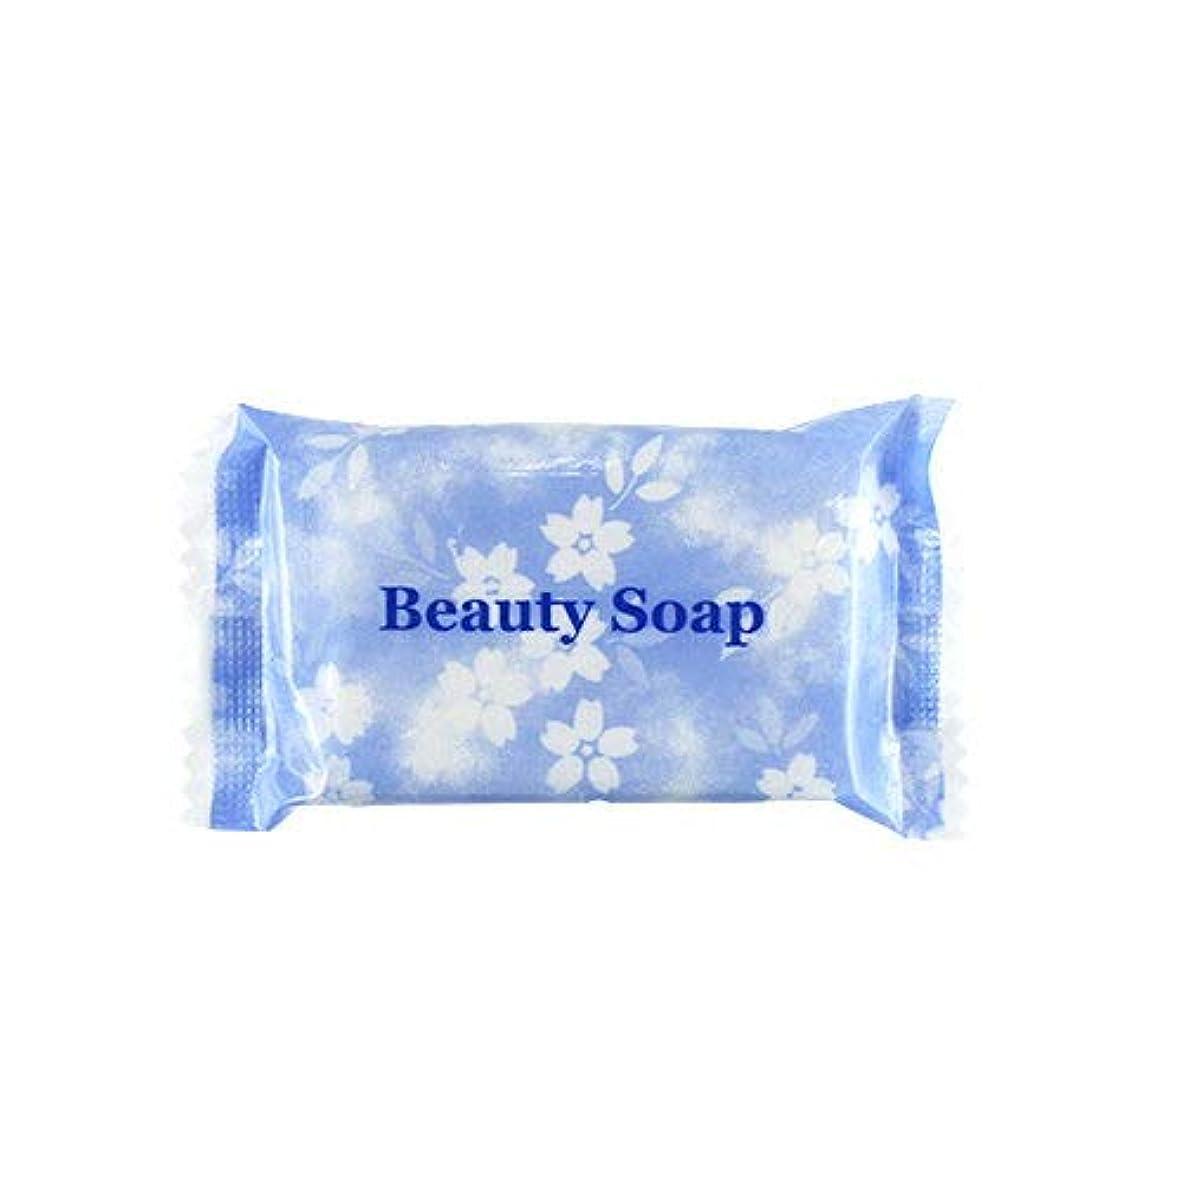 ファンブル命令慣れる業務用 クロバーコーポレーション ビューティーソープ(Beauty Soap) 15g×20個セット | ホテルアメニティ 個包装